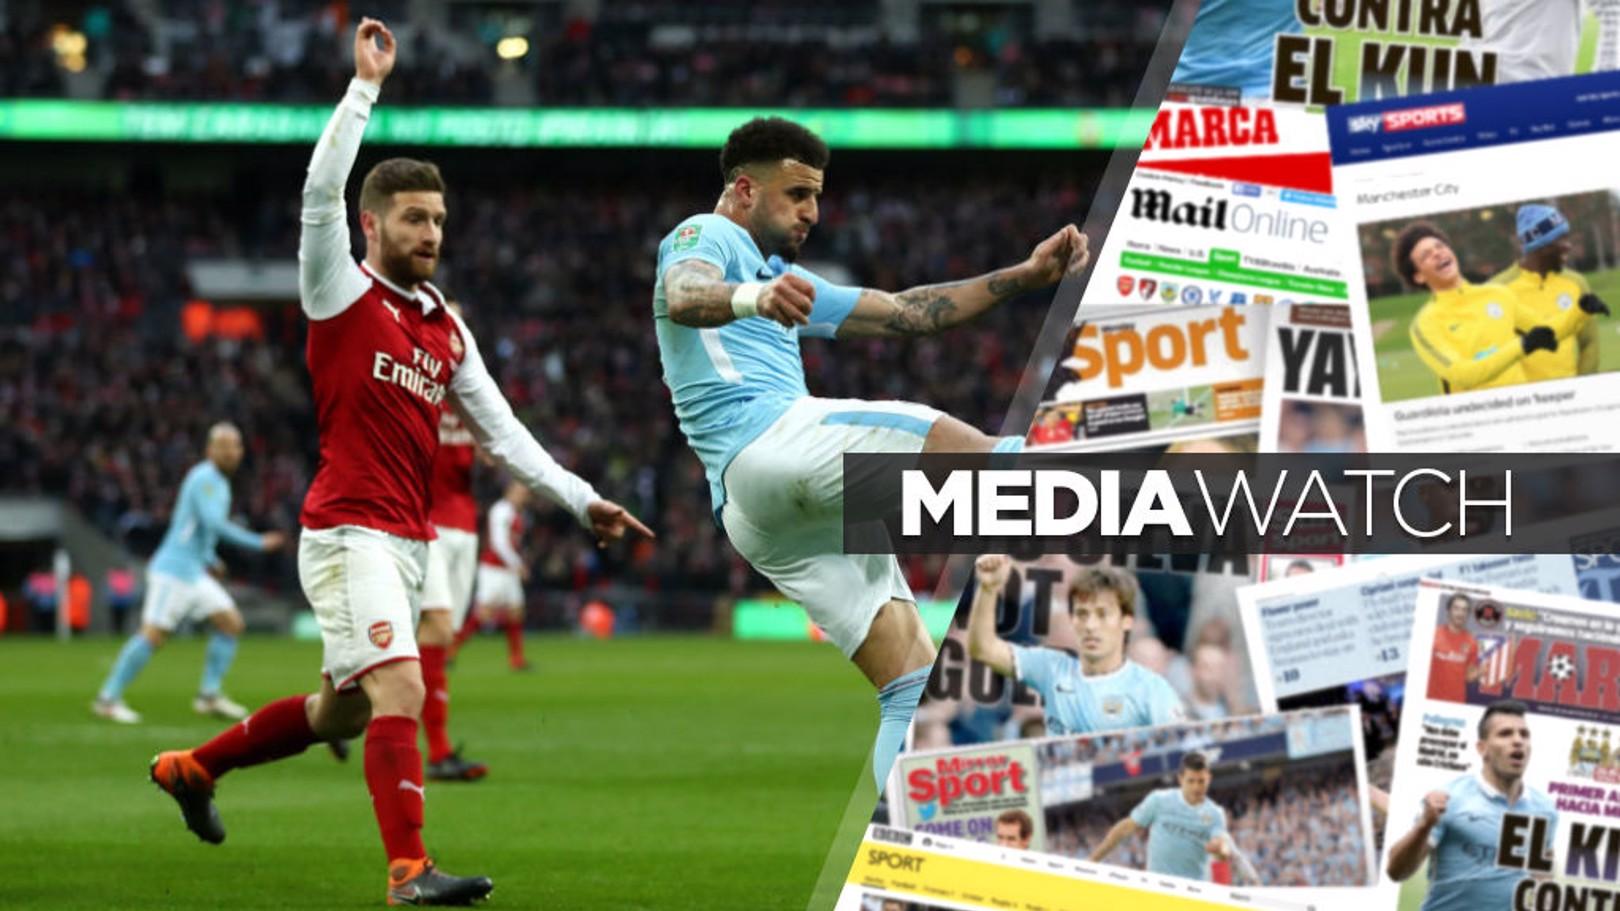 مانشستر سيتي يواجه أرسنال في ملعب الإمارات ليلة الخميس.